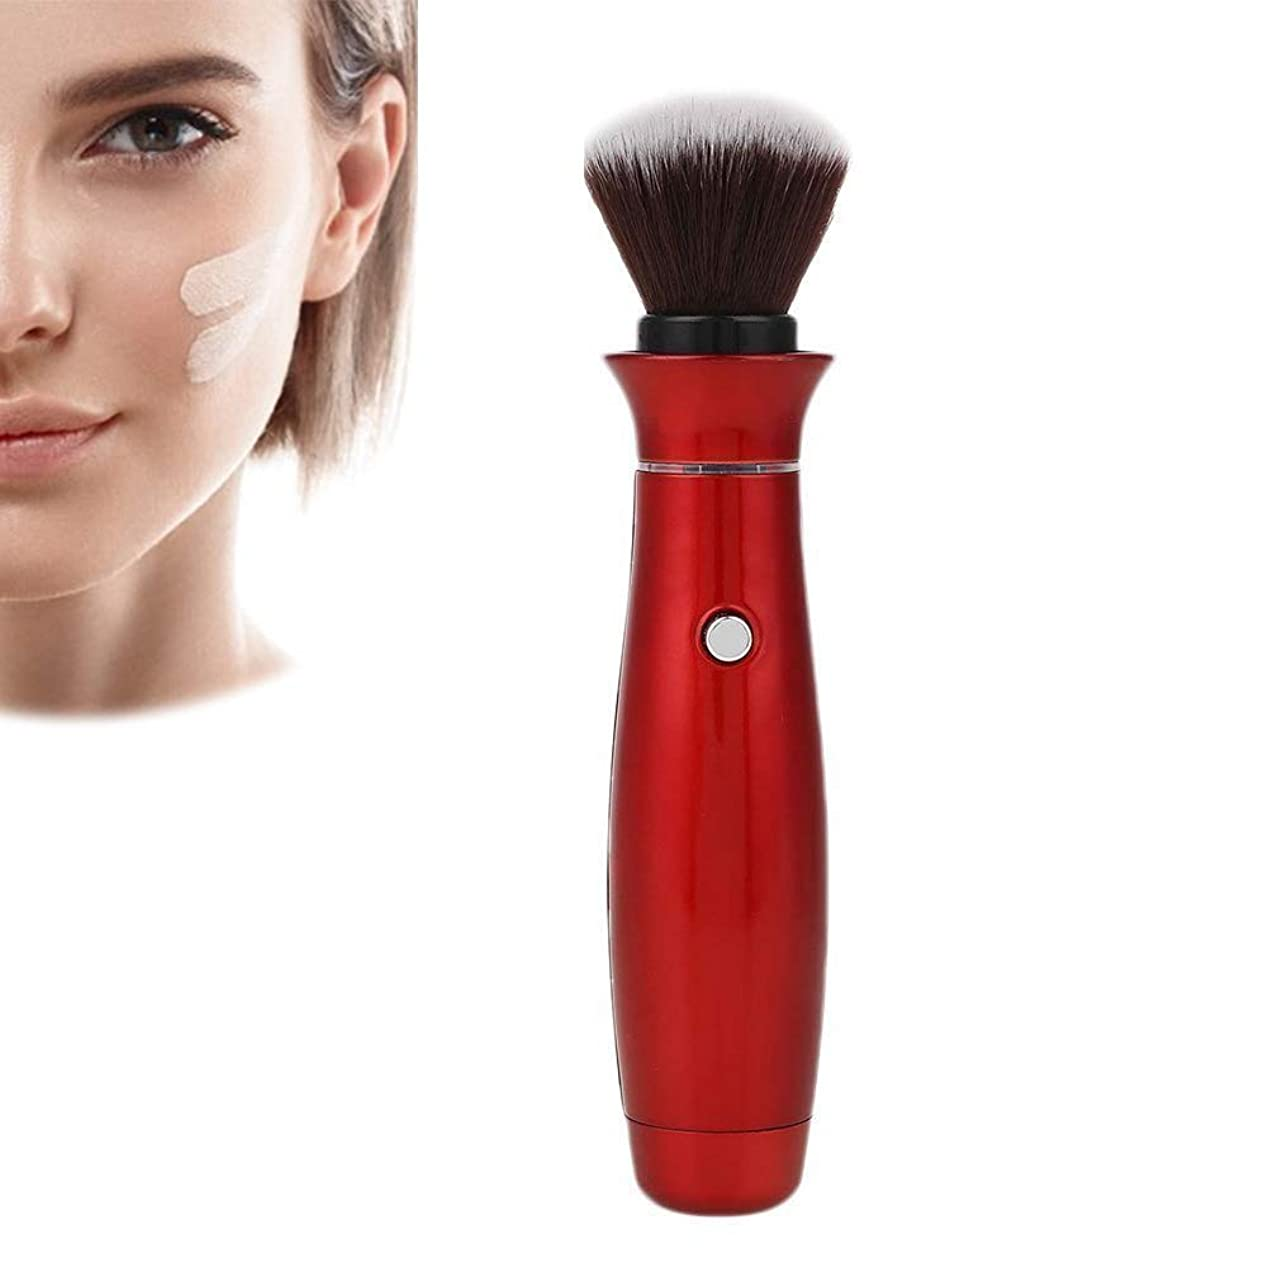 アンテナ予見する災害新しい化粧ブラシフェイシャルマッサージブラシ電気クリーニングブラシウォッシュブラシ美容メイクアップツール